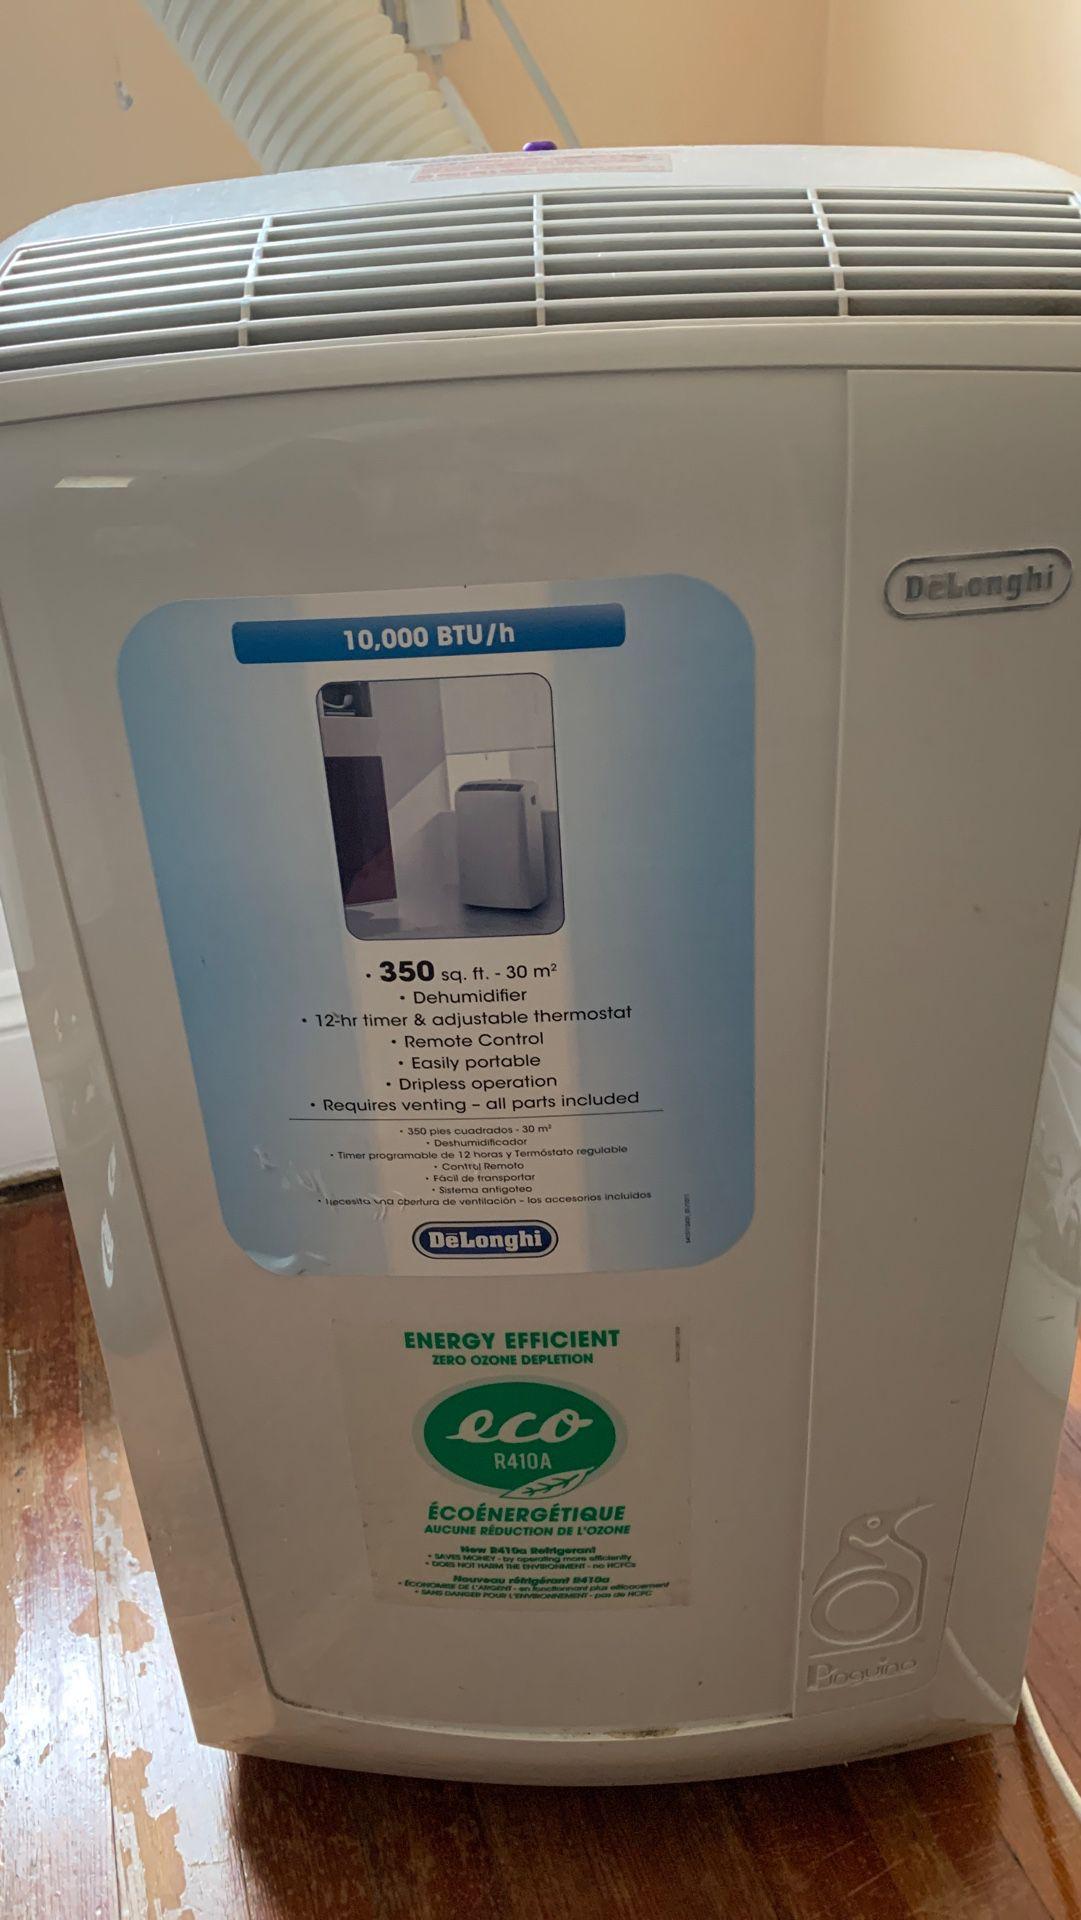 Dehumidifier 10,000 BTU